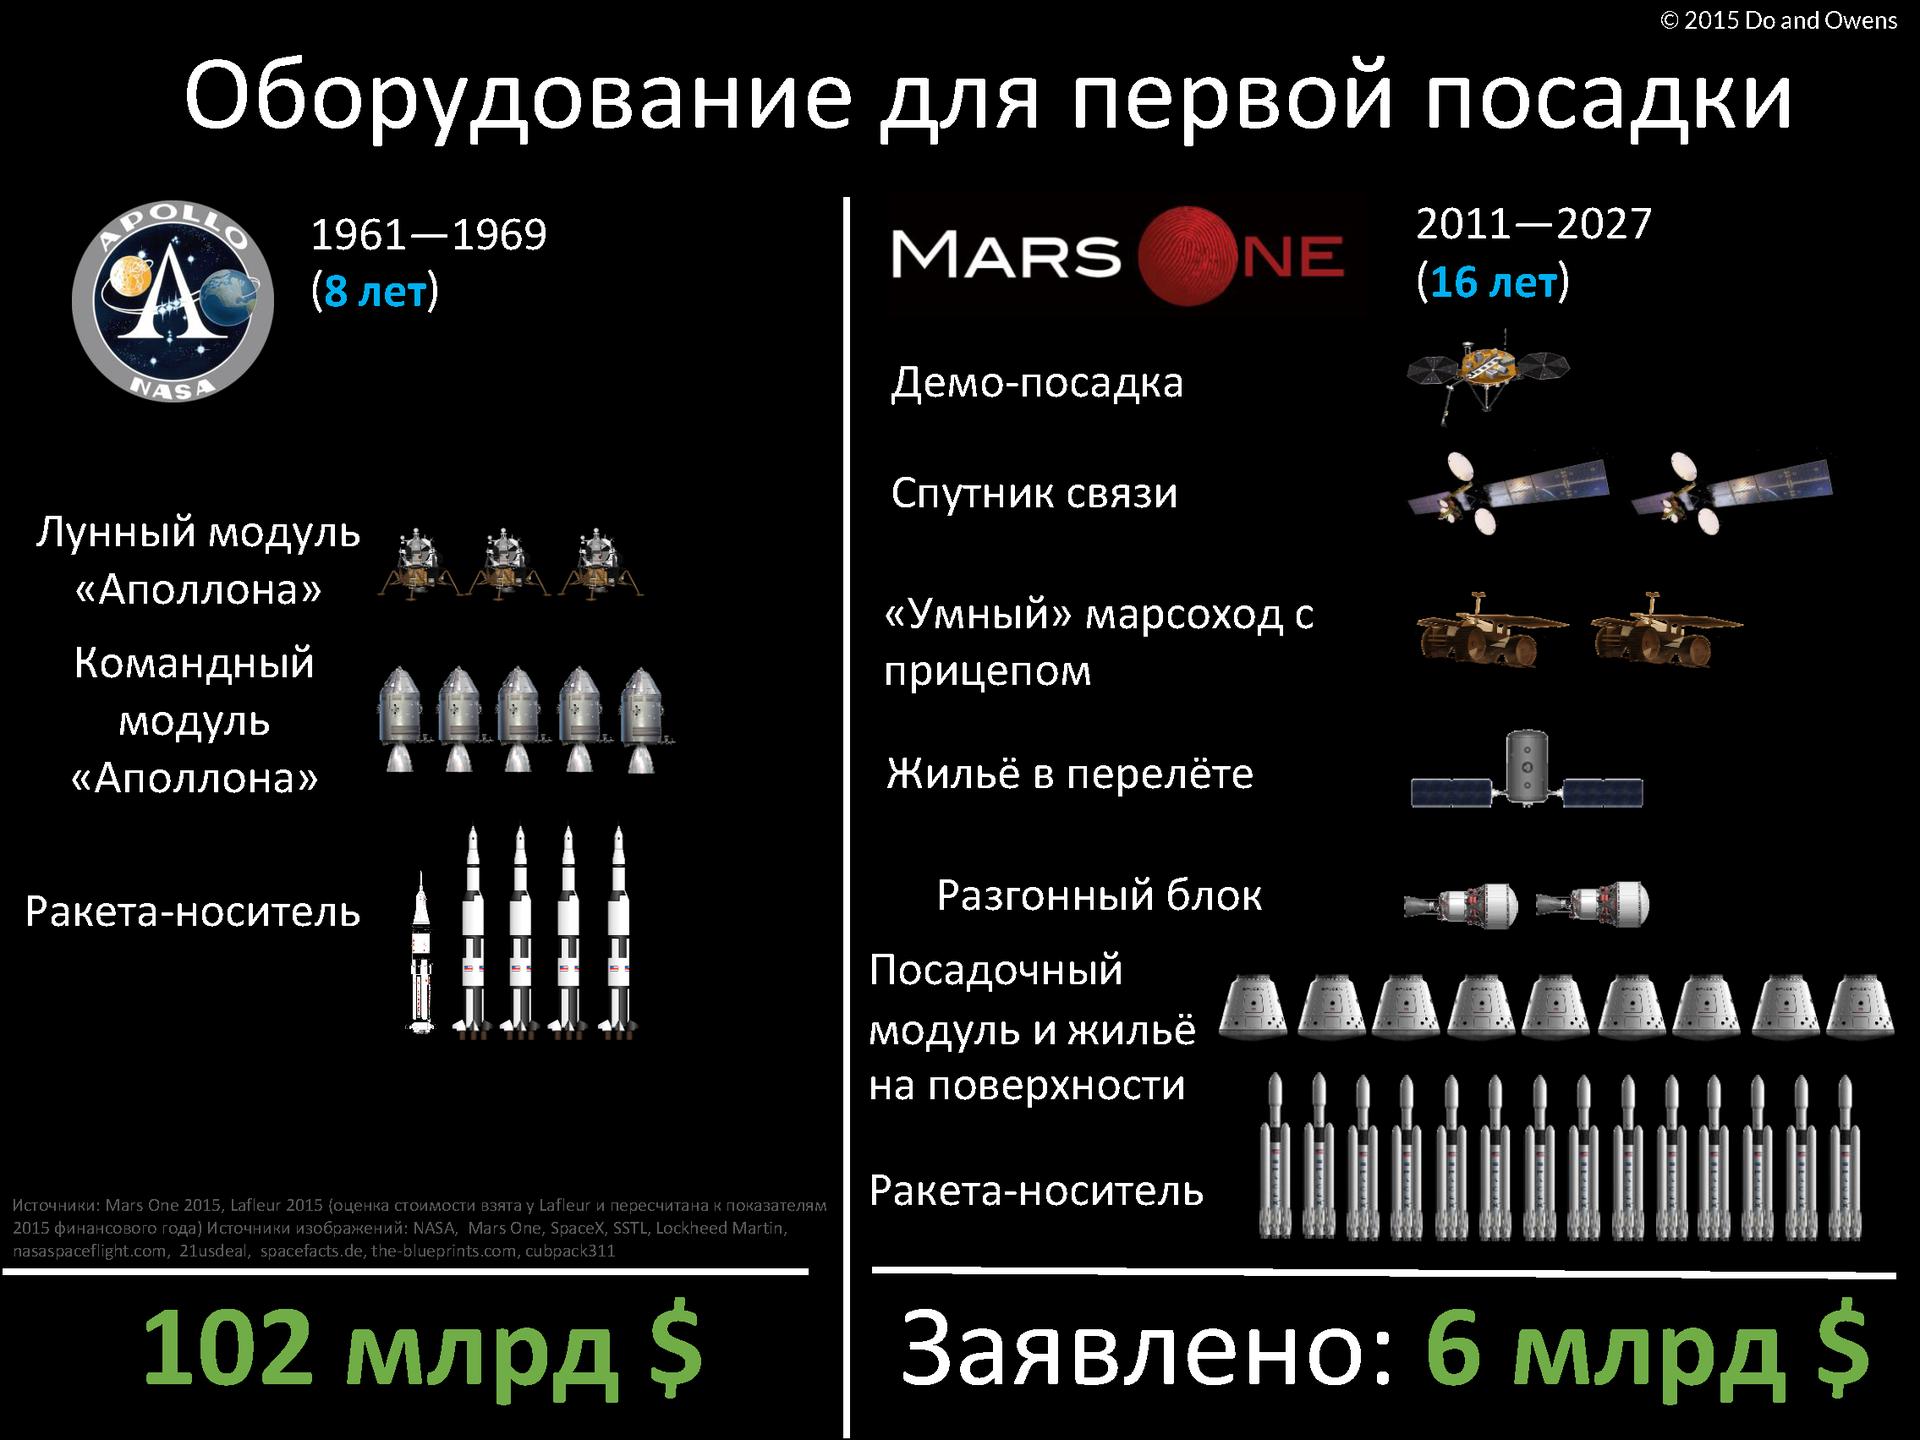 Цветущие сады на Марсе остаются мечтой: проект Mars One обанкротился - 2